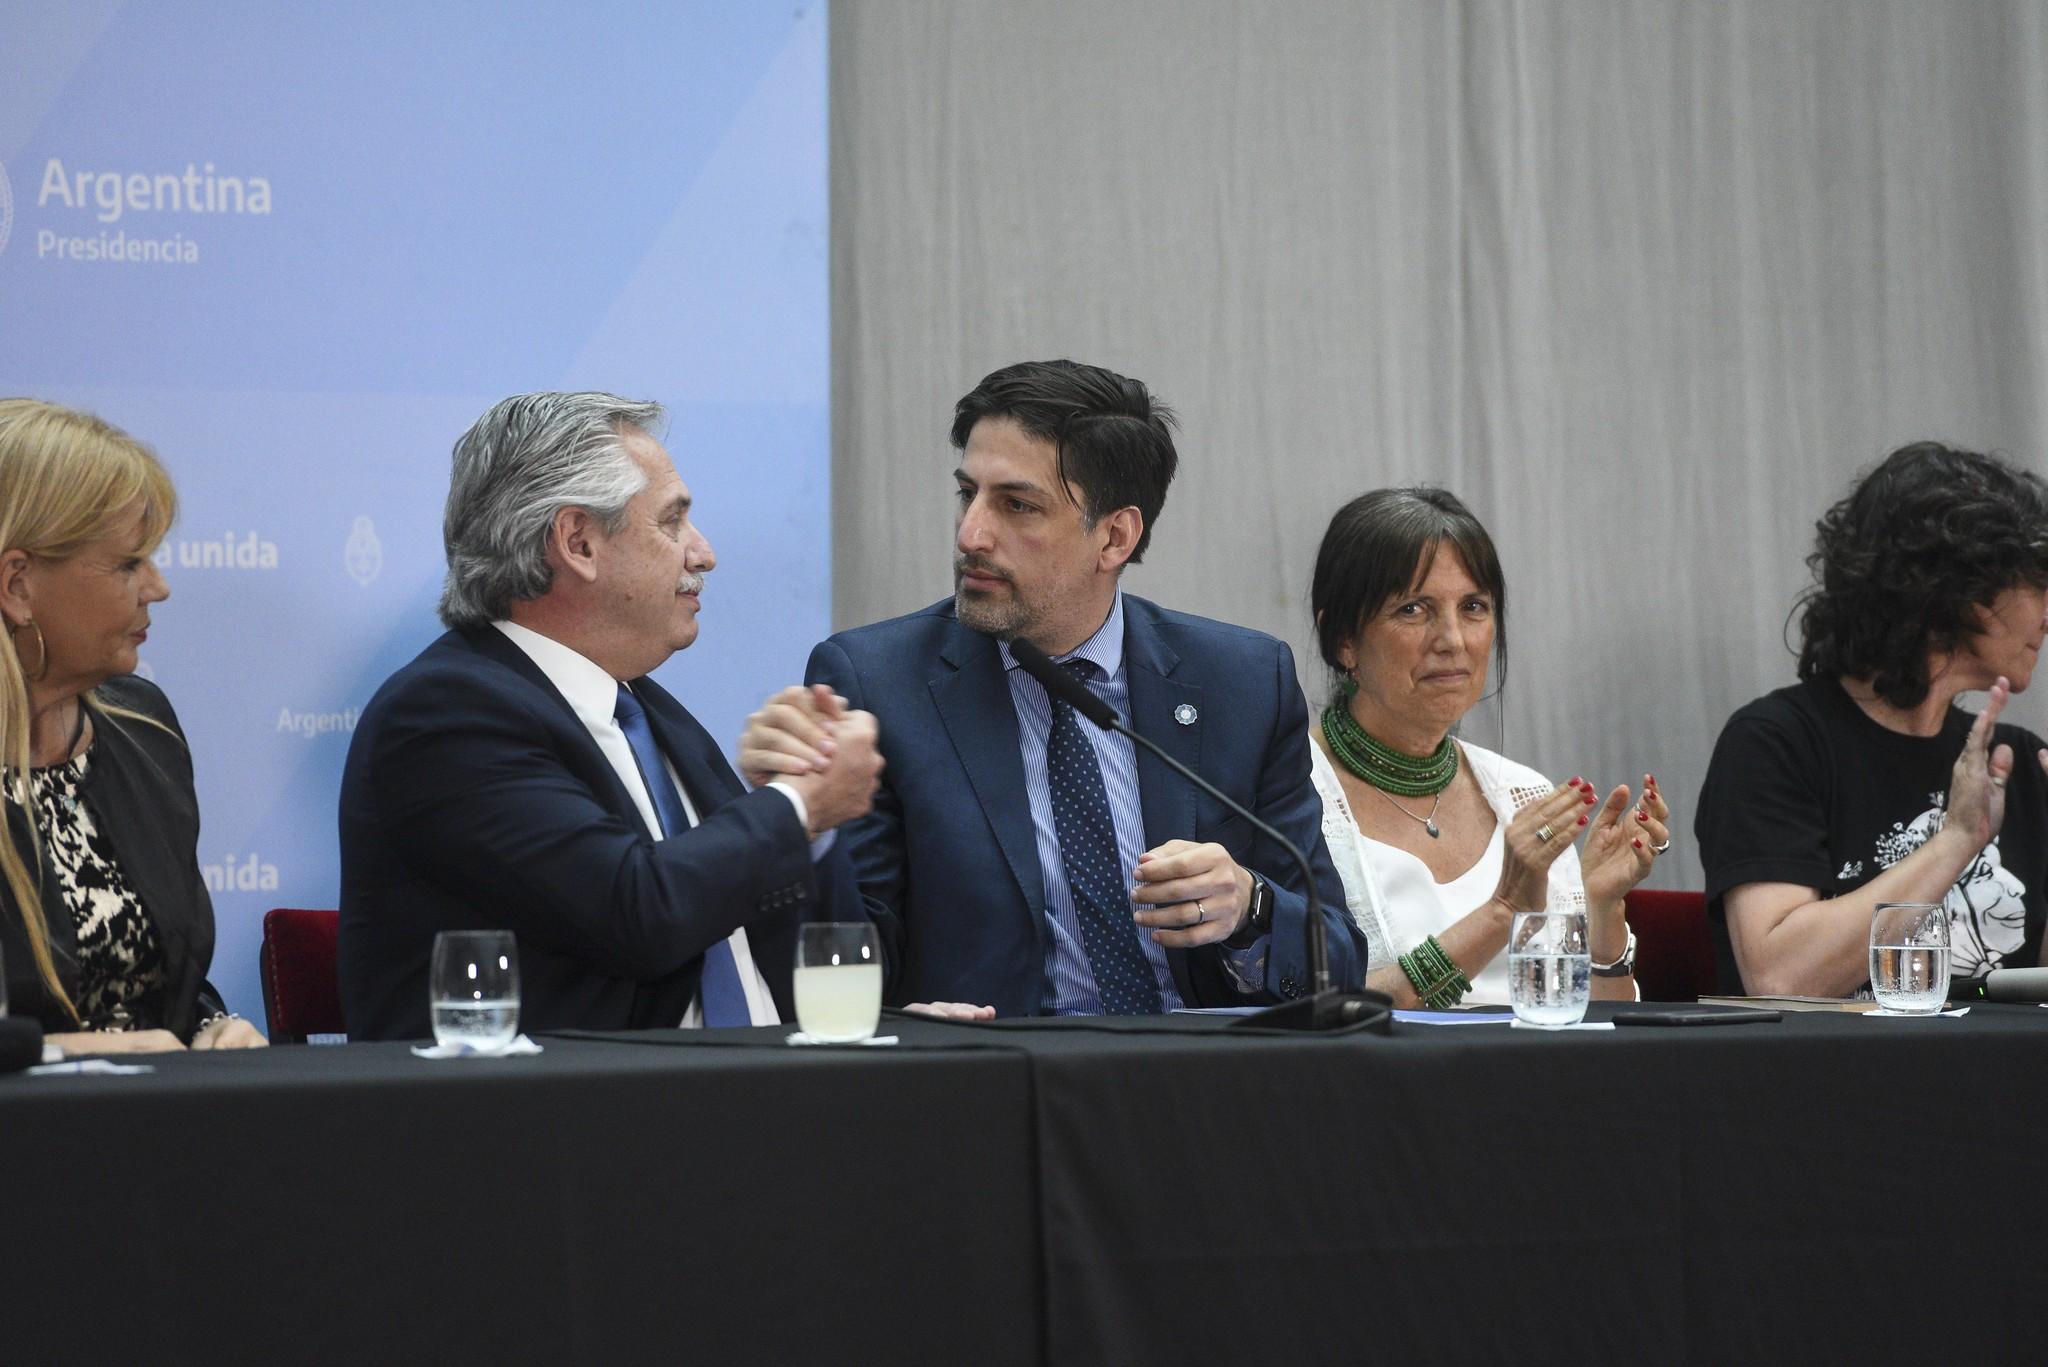 Alberto Fernández saluda al Ministro de Educación Trotta.